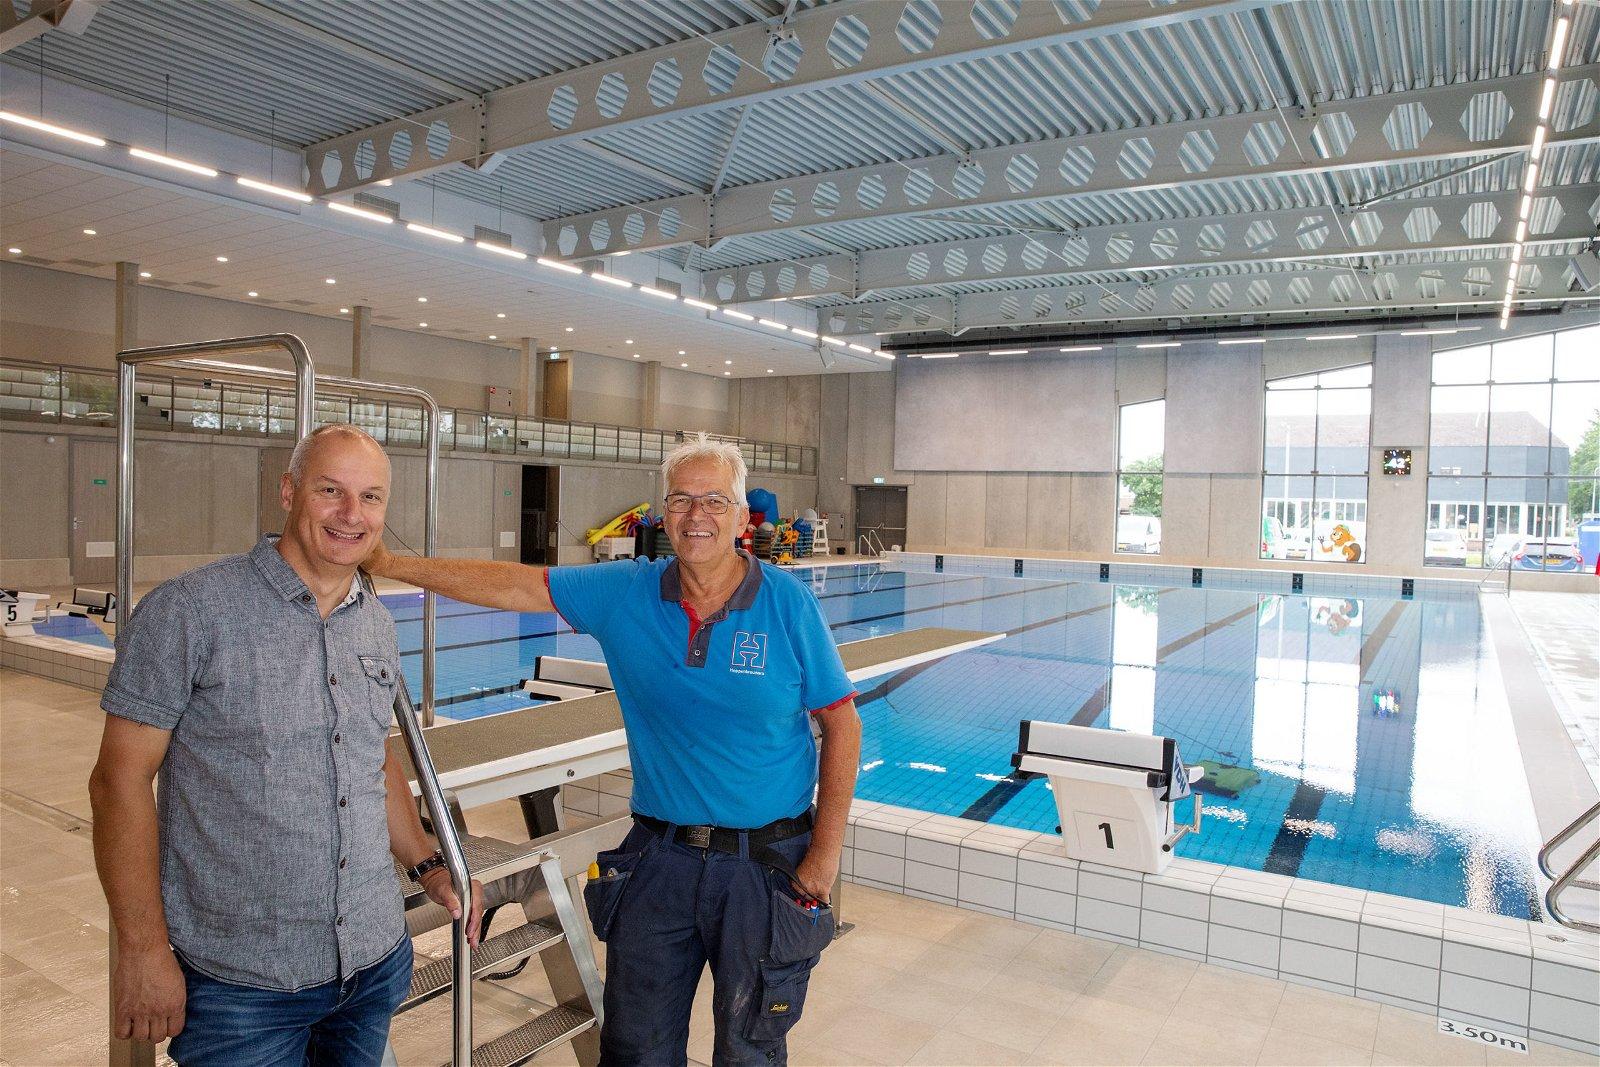 Zwembad Valkenhuizen volledig gasloos